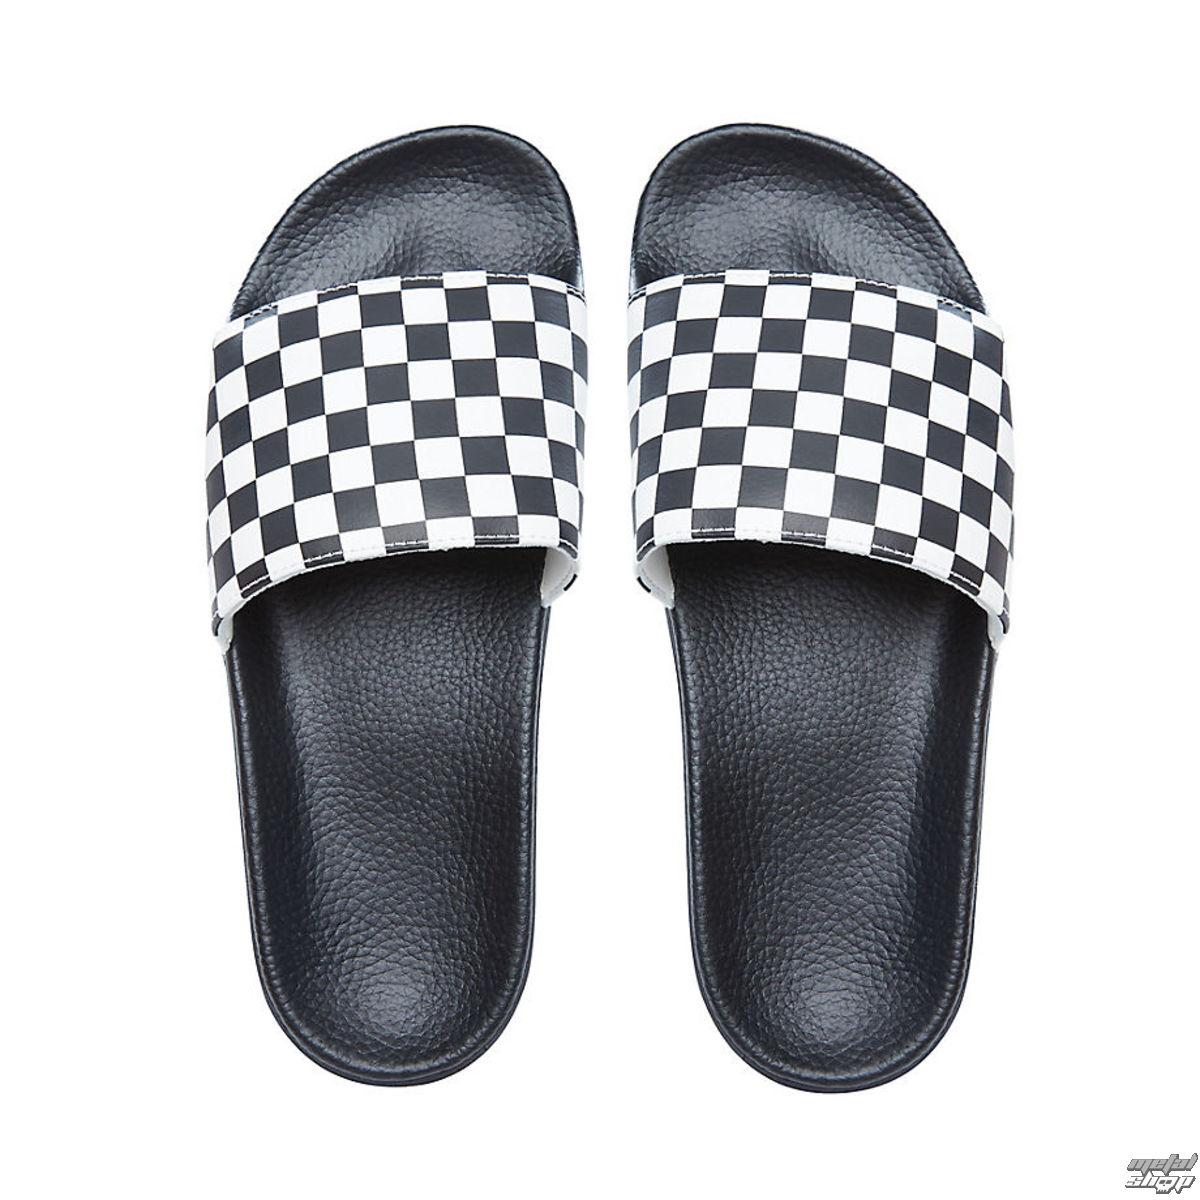 sandále pánske VANS - Slide-On (Checkerboard) - Black/White - V4KIIP9